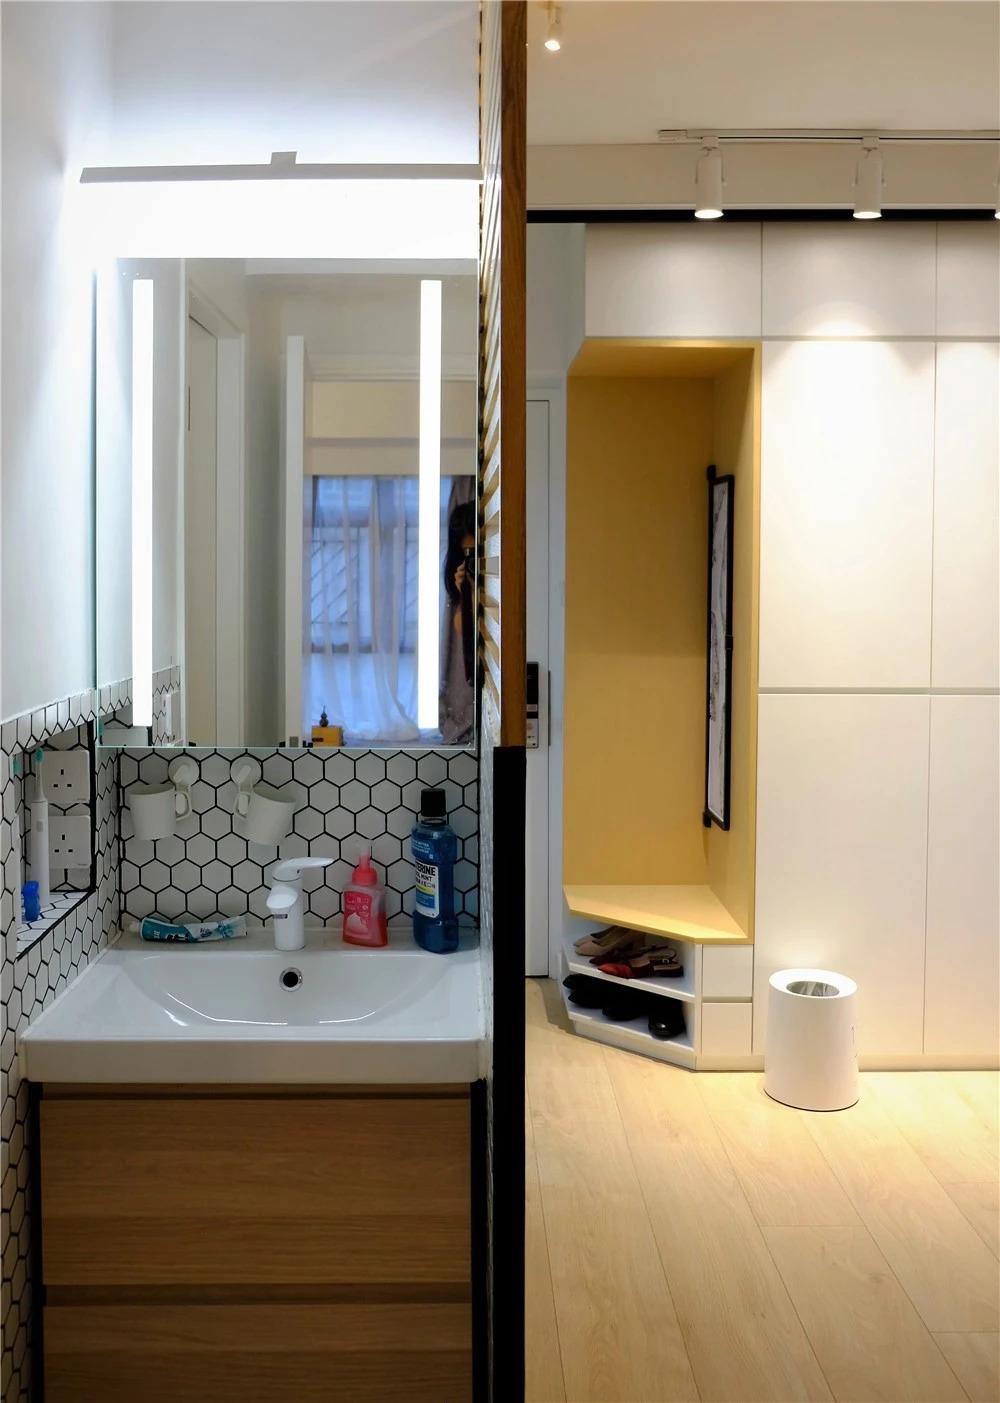 32㎡爆改出7个空间,更有超能衣帽间,家庭影院和豪华窗景书房!图片